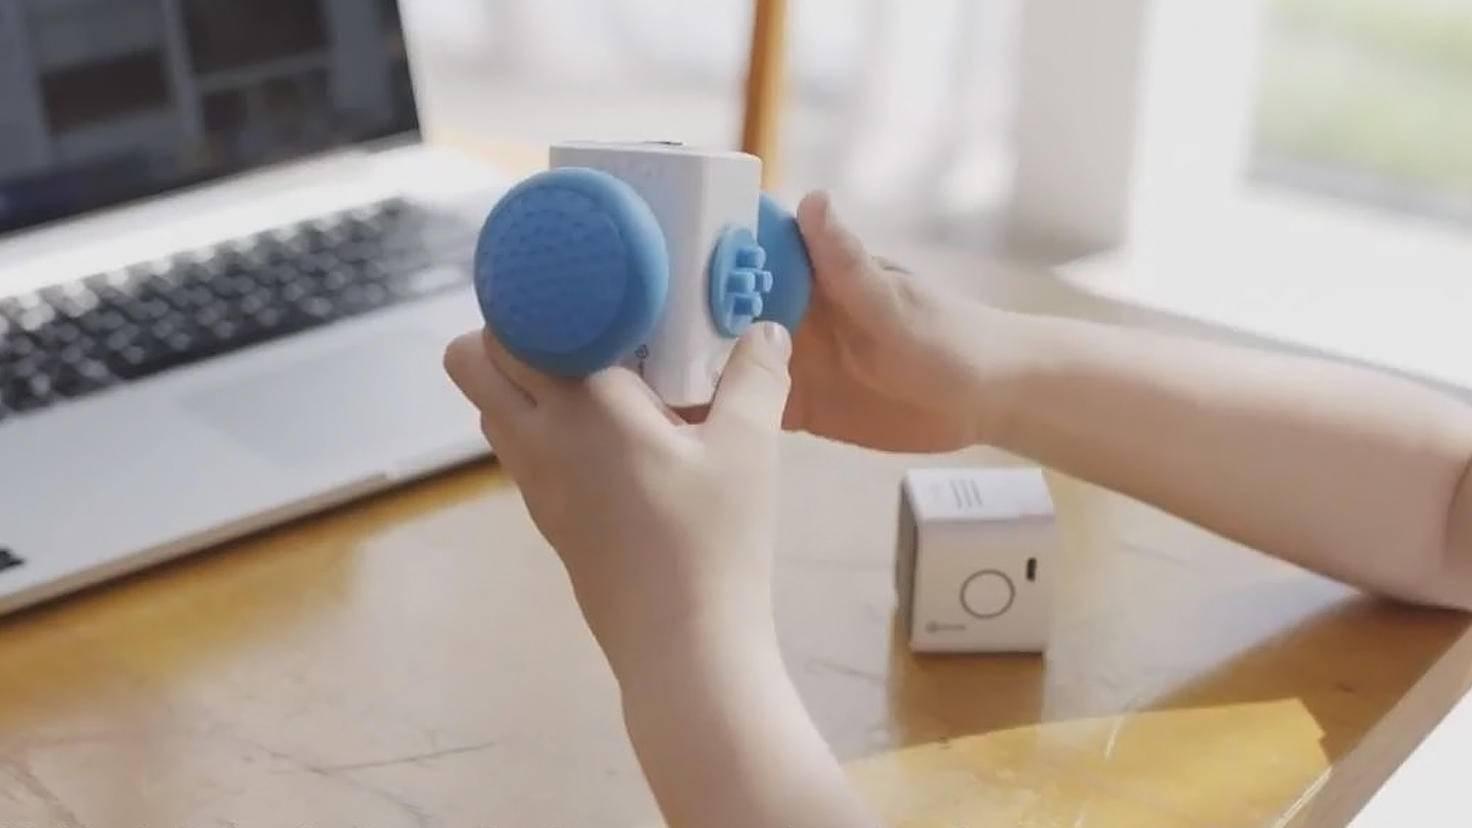 Das Stecksystem macht den Mini-Robo super-praktisch.